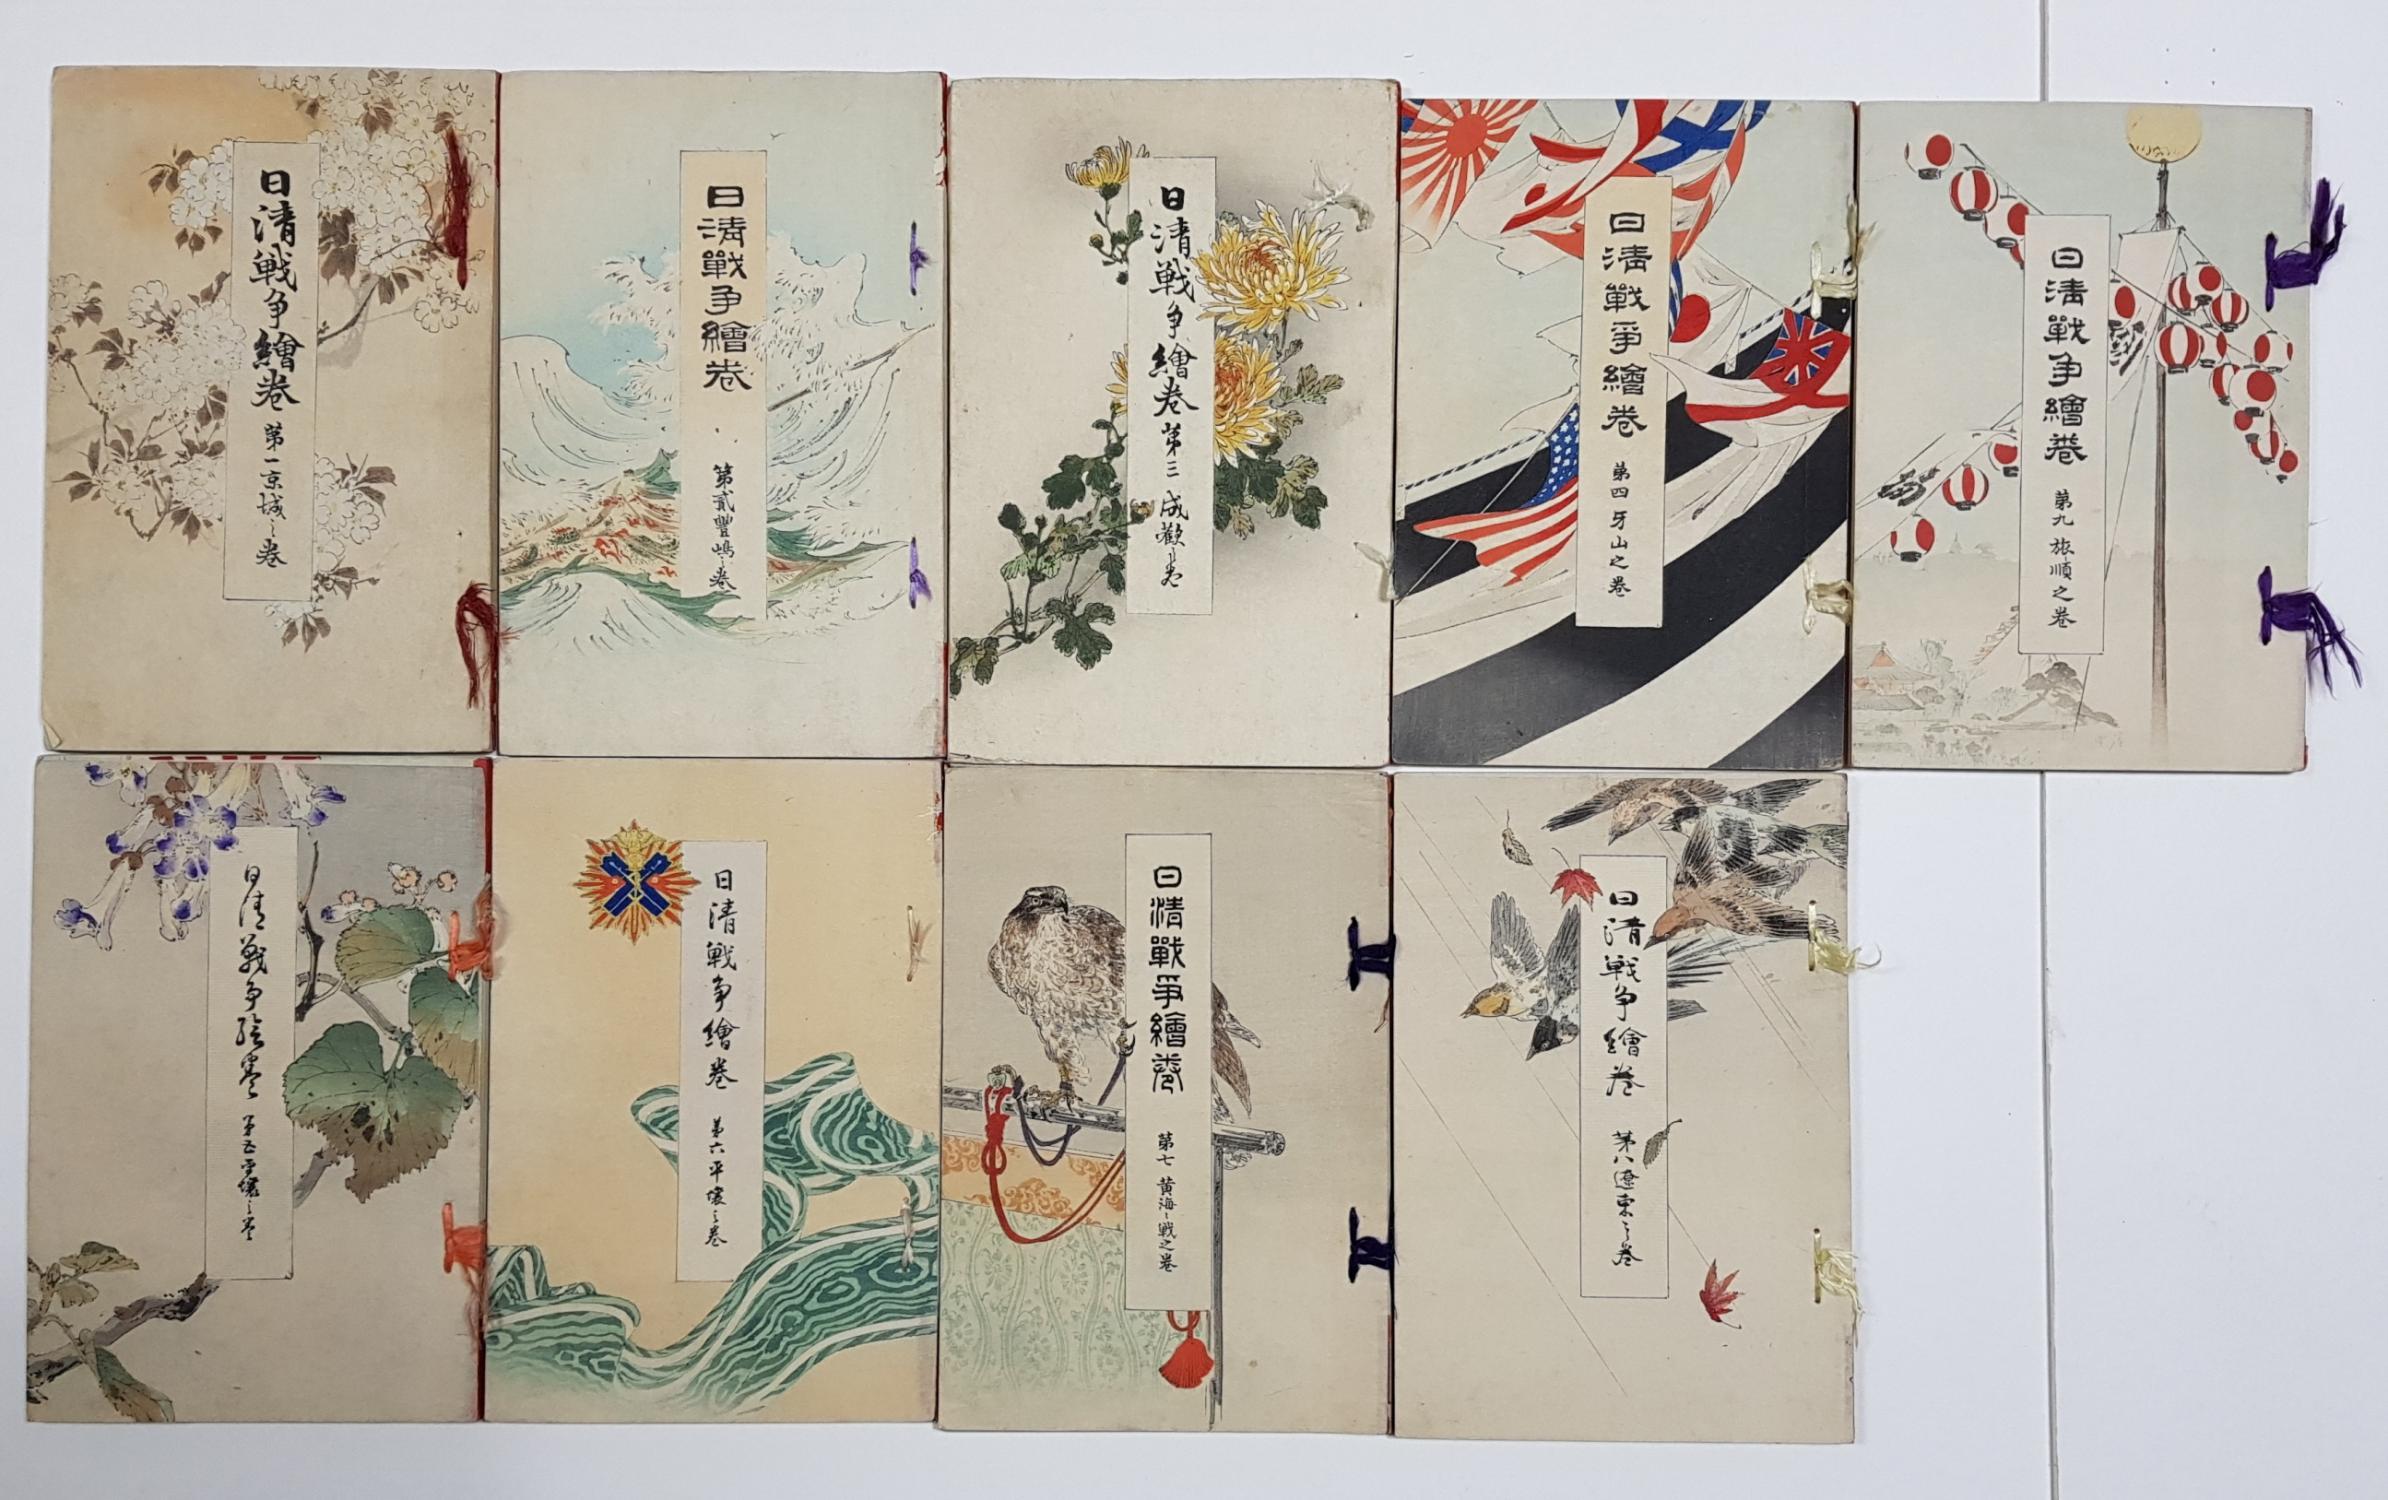 Grußkarten Set 8 kleine Glückwunschkarten 15,6 x 8,1 cm Asiatisch Japan China